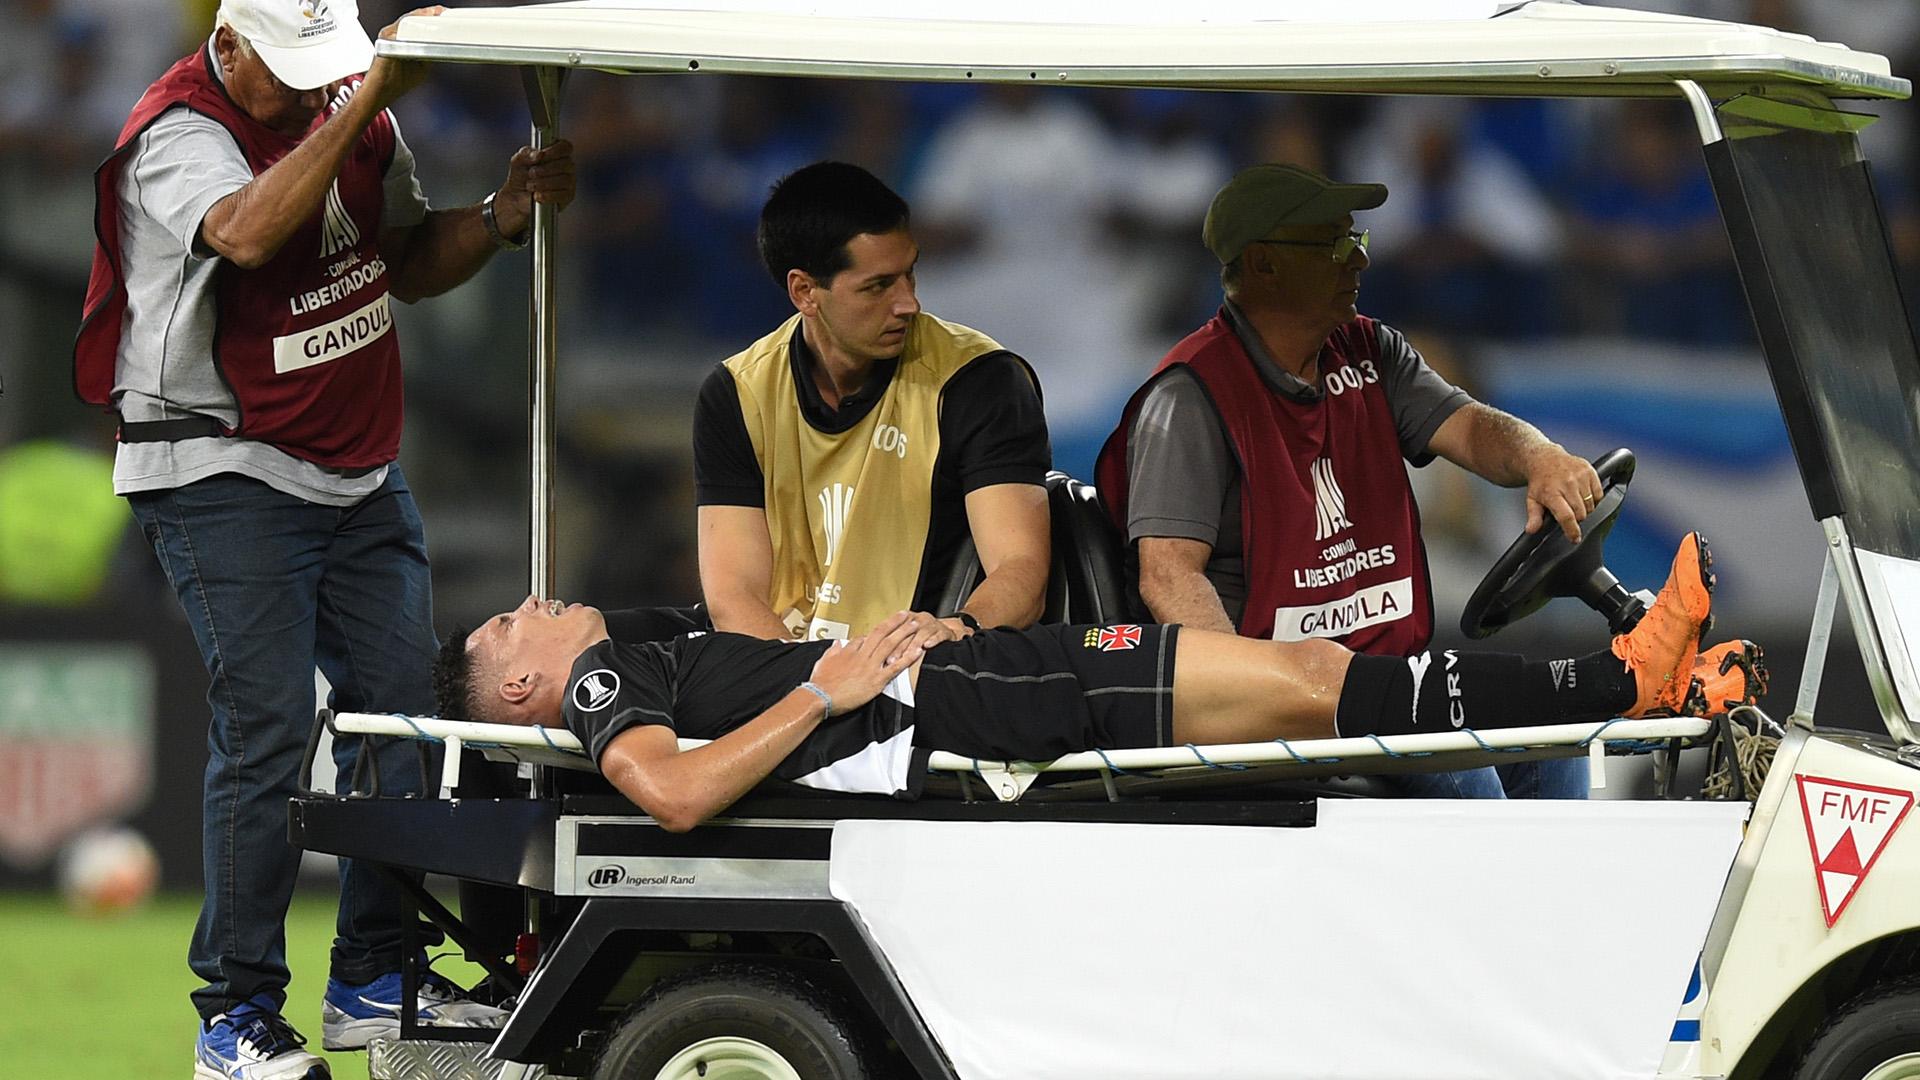 Paulinho fará cirurgia e desfalca o Vasco nos próximos jogos